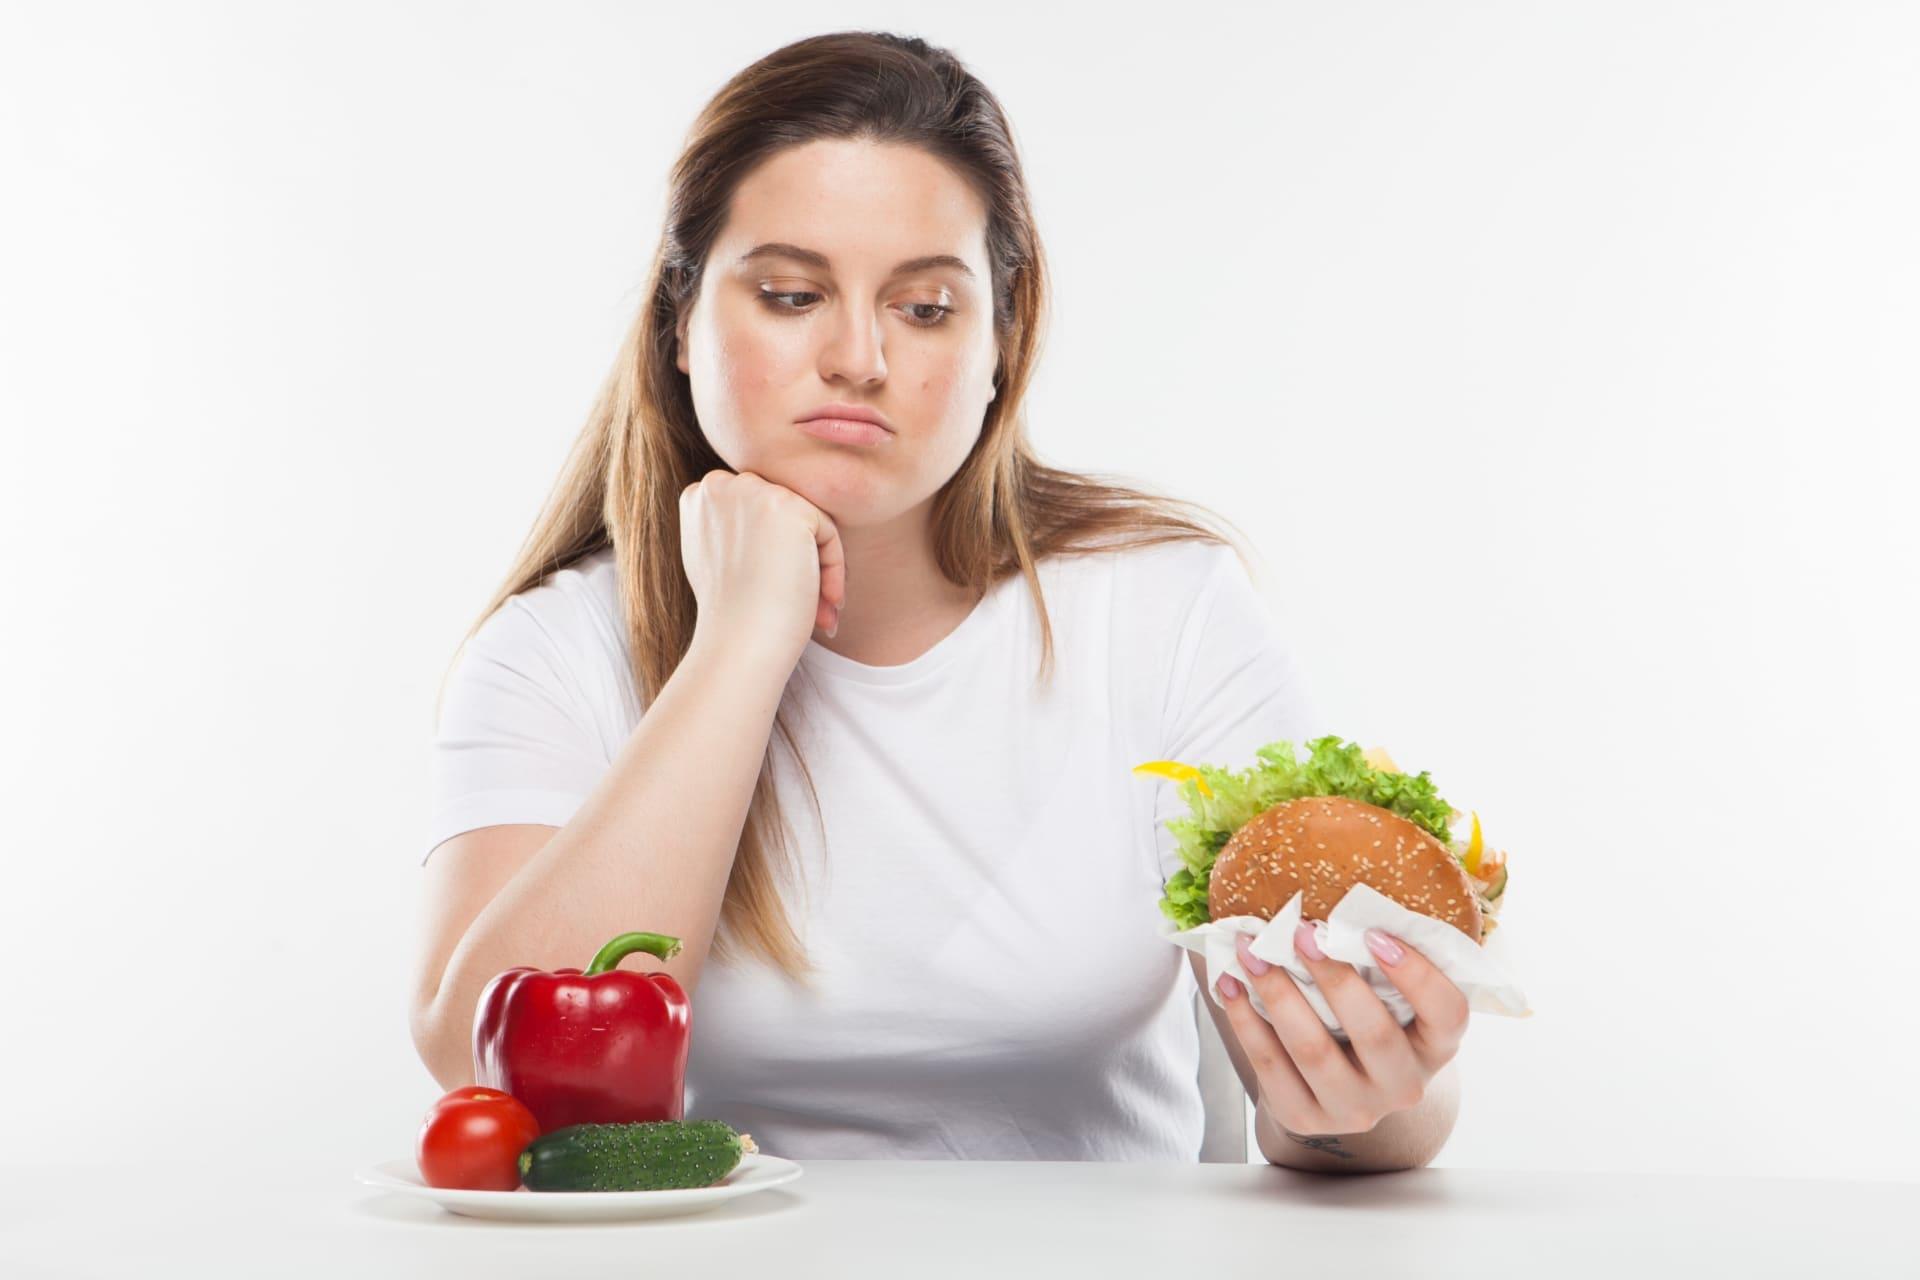 食べ物を見つめる女性